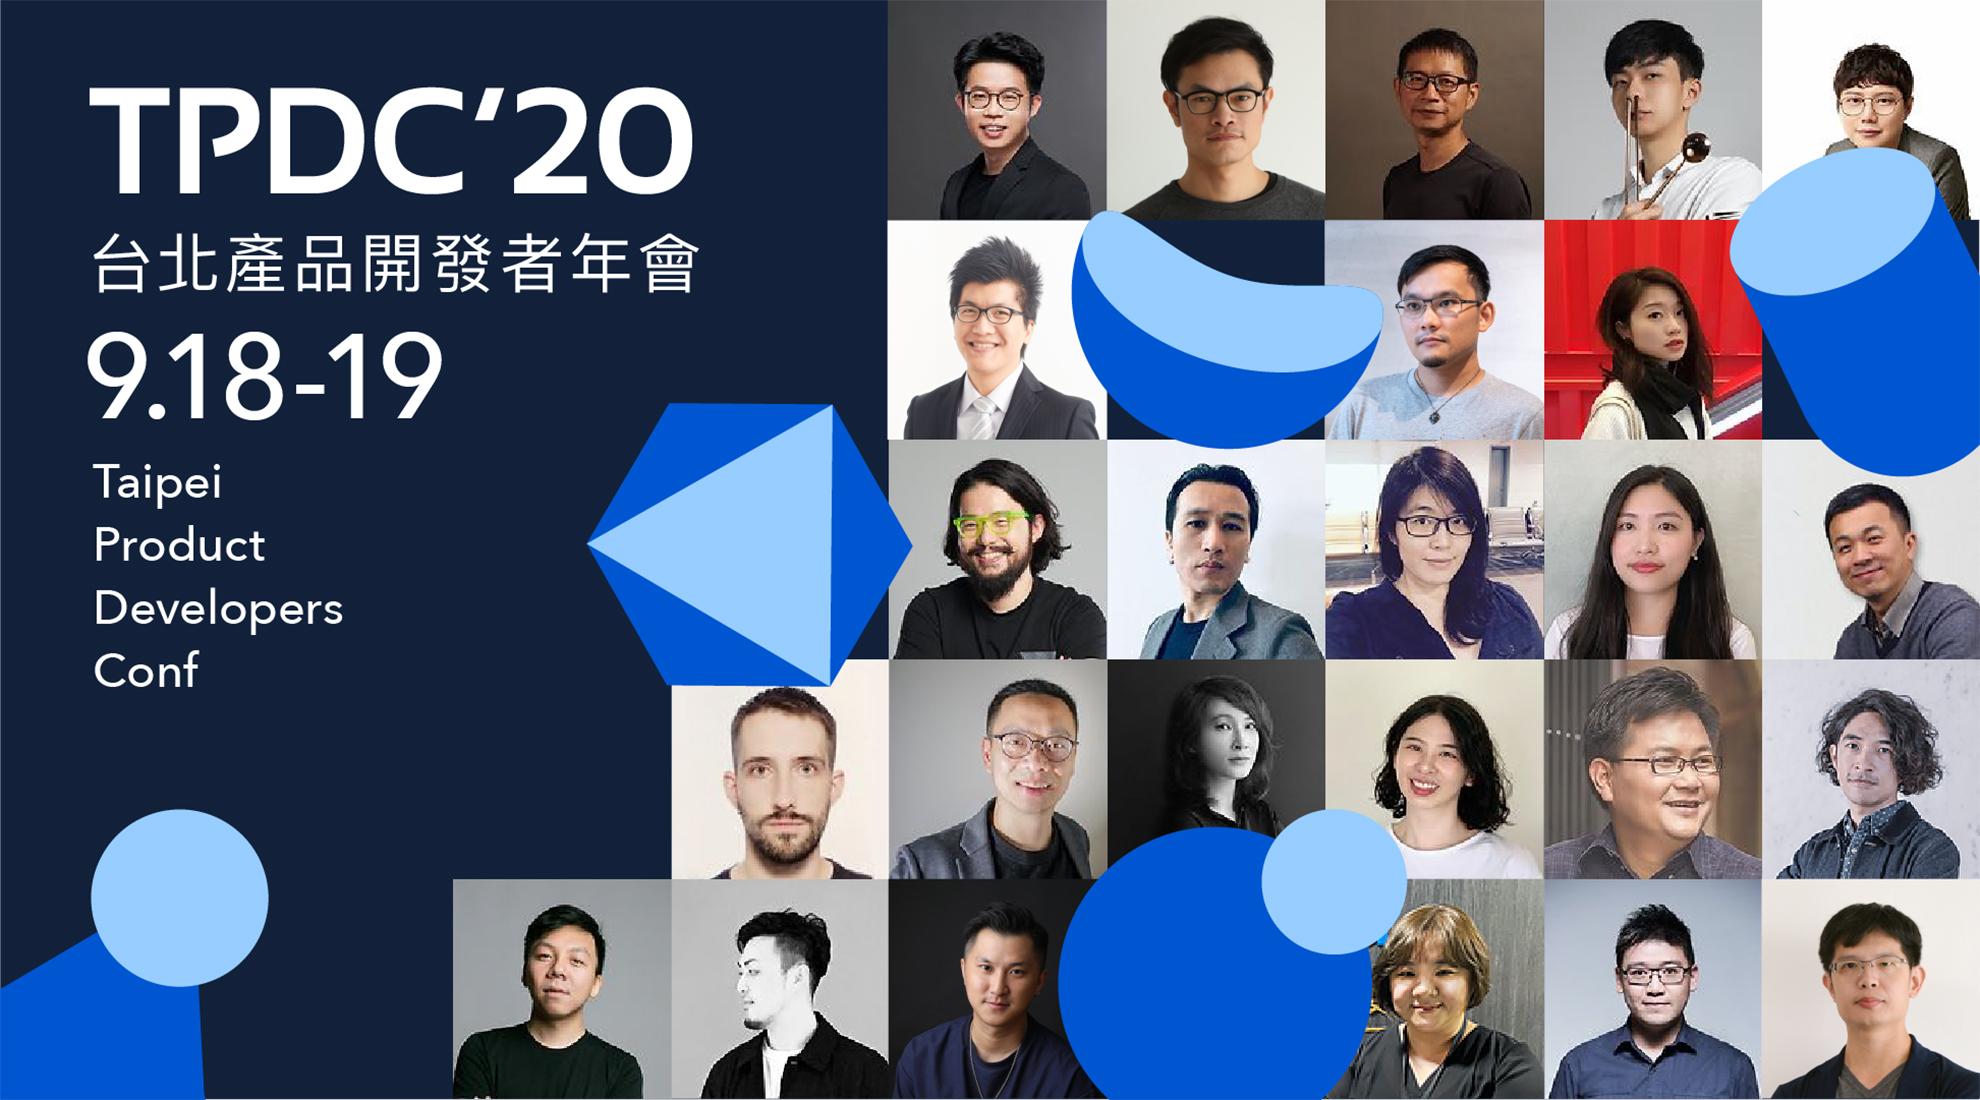 TPDC'20 台北產品開發者年會